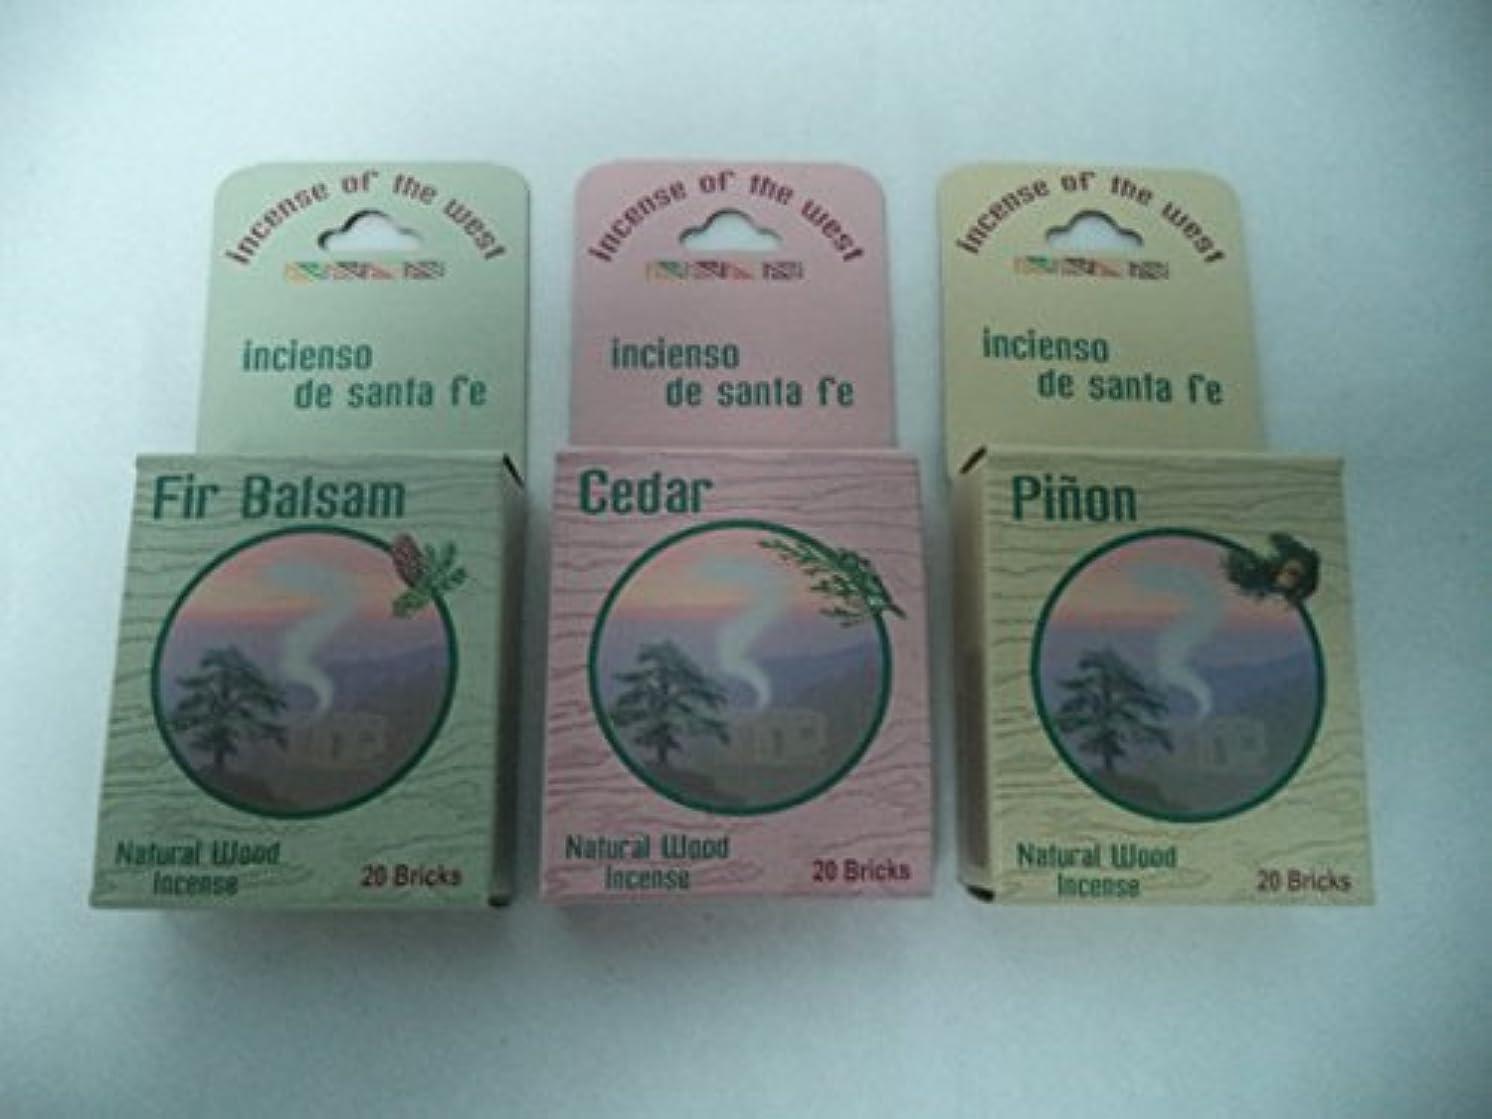 賢明なネブ密輸Balsam Fir 20 + Cedar 20 + Pinon Pine 20: 60 CHRISTMAS INCENSE CONES / LOGS by Incienso de Sante Fe